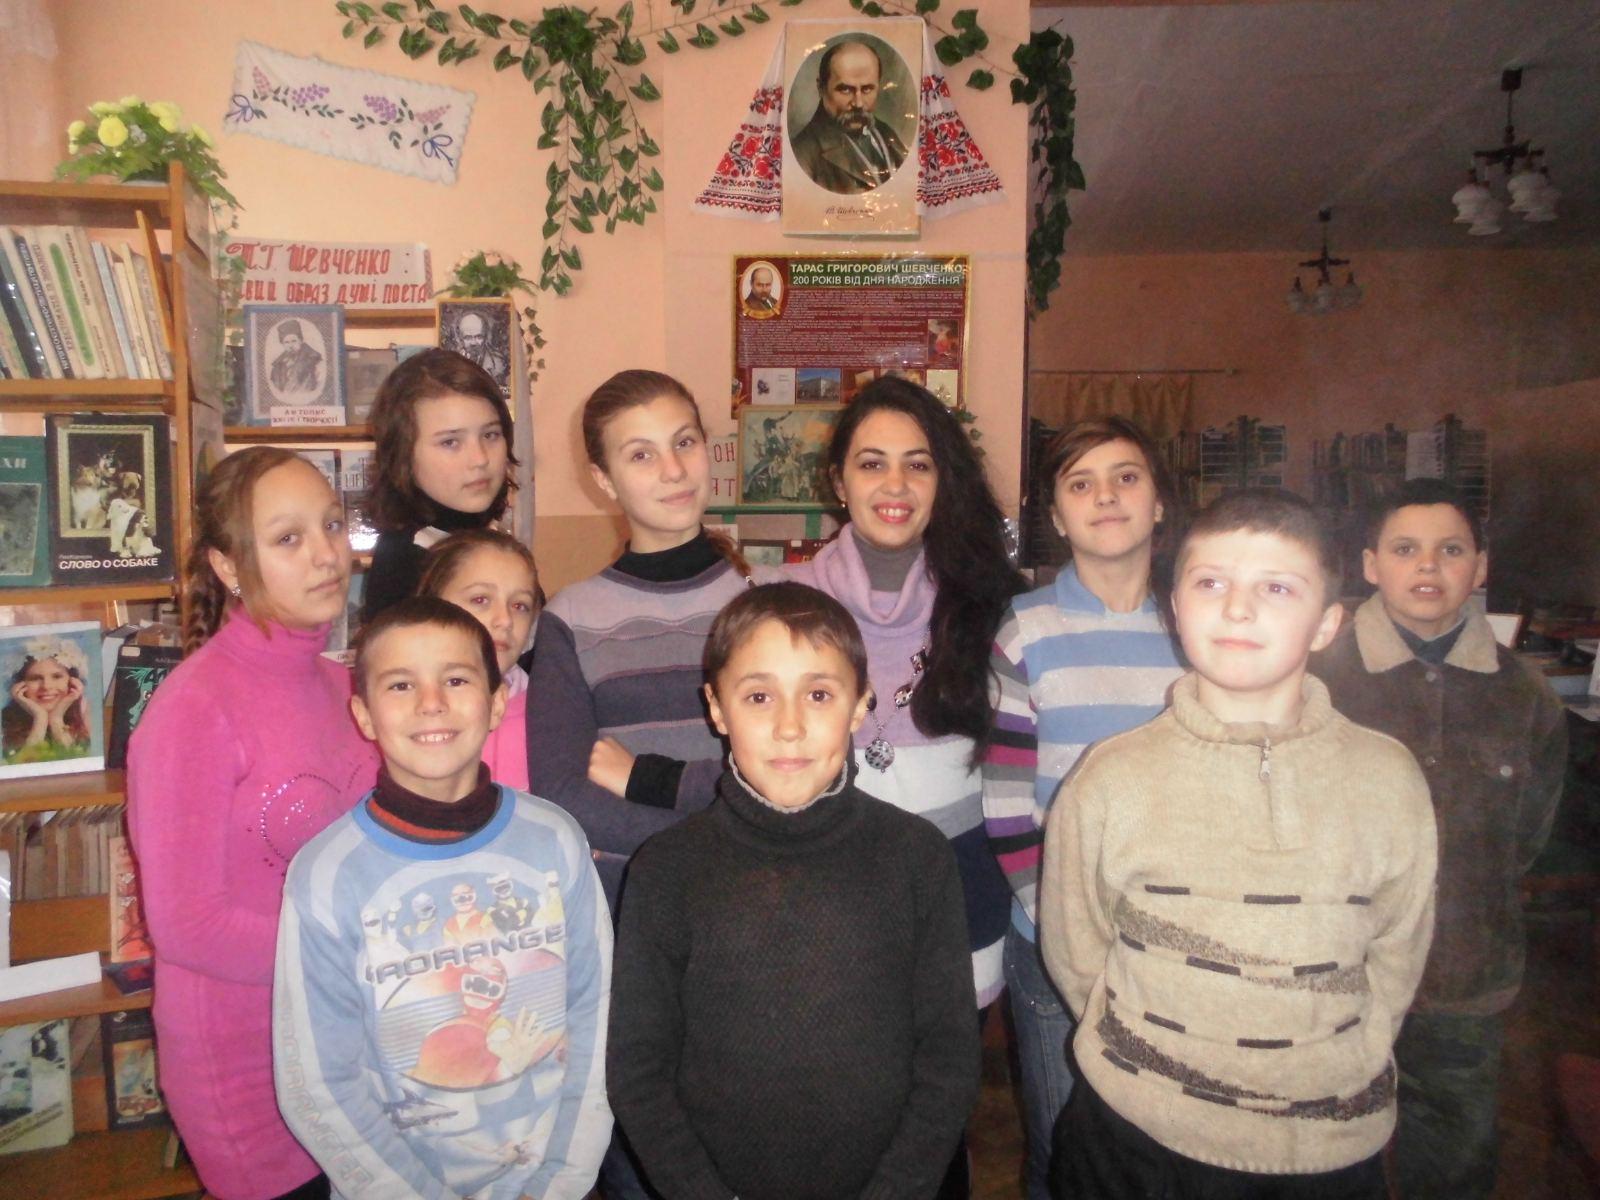 Учитель украинского языка Ирина Тома со своими бывшими учениками в сейчас уже закрытой библиотеке. Фото из личного архива Ирины.